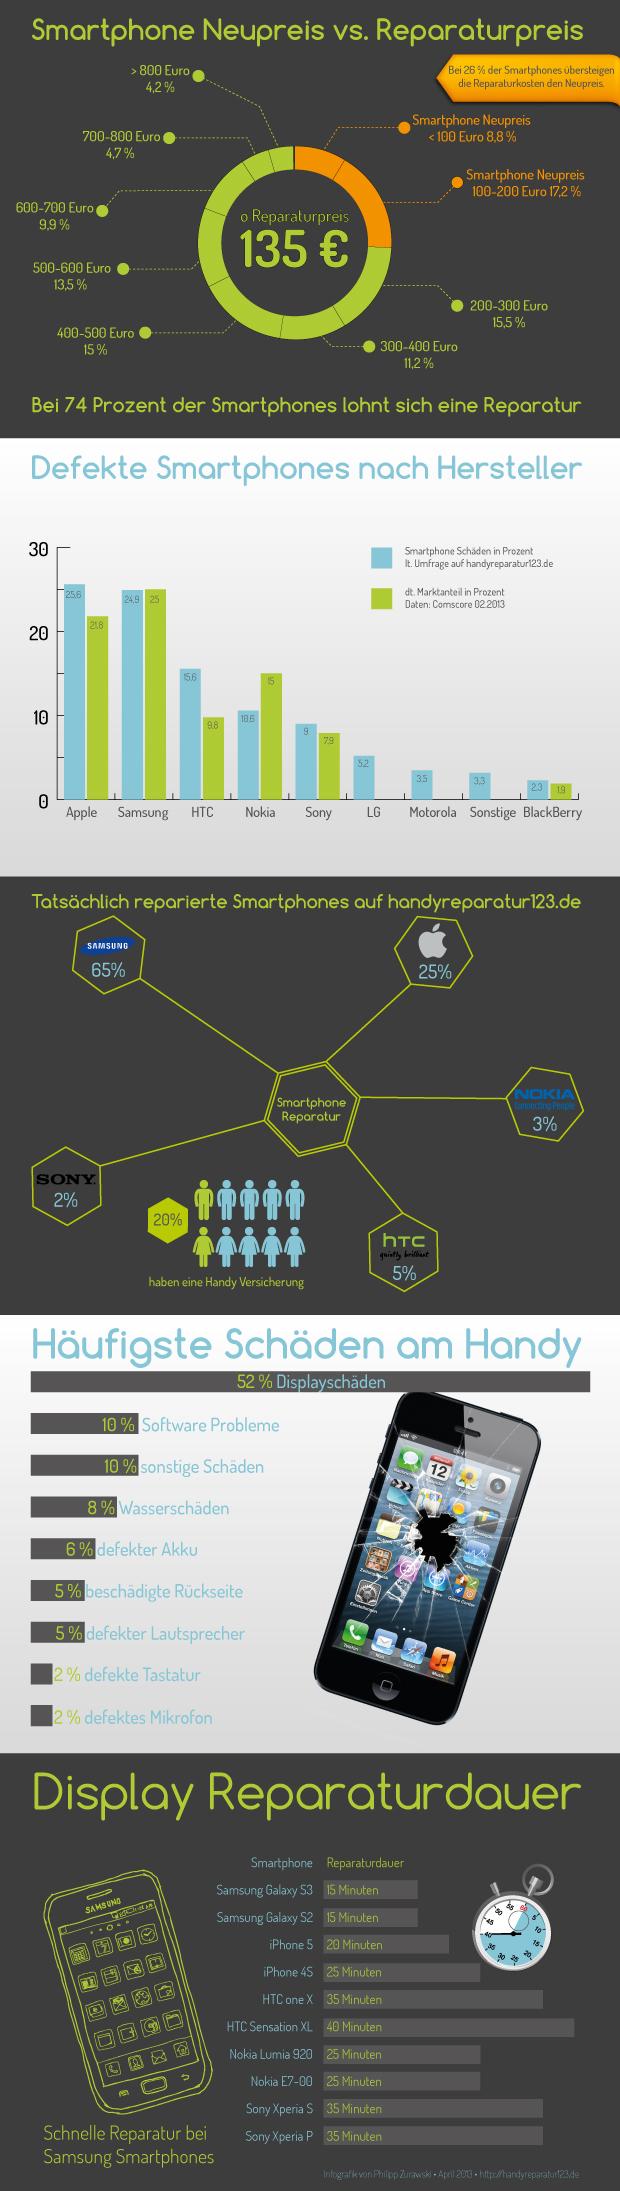 Infografik über kaputte Smartphones